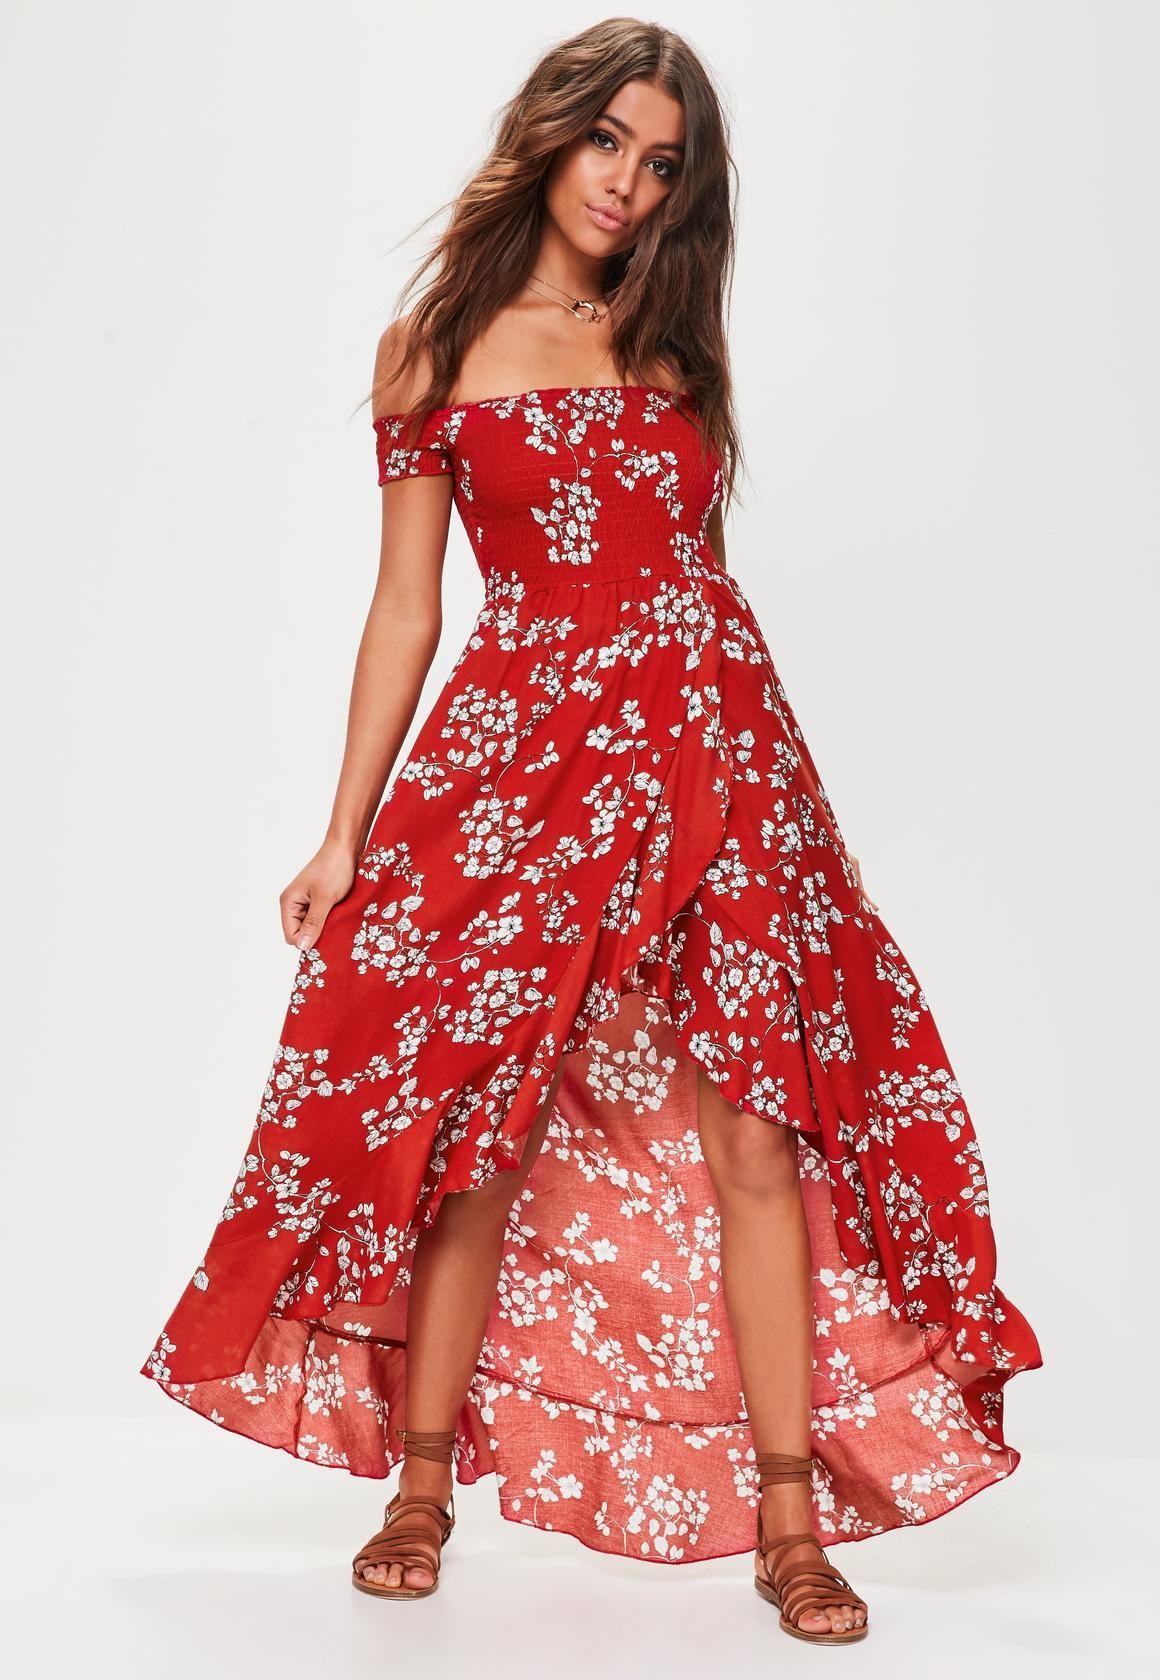 Robe Longue Vêtements Fleurie Rouge Les Blog Photo Sur Élégants – wwa8qrAdx